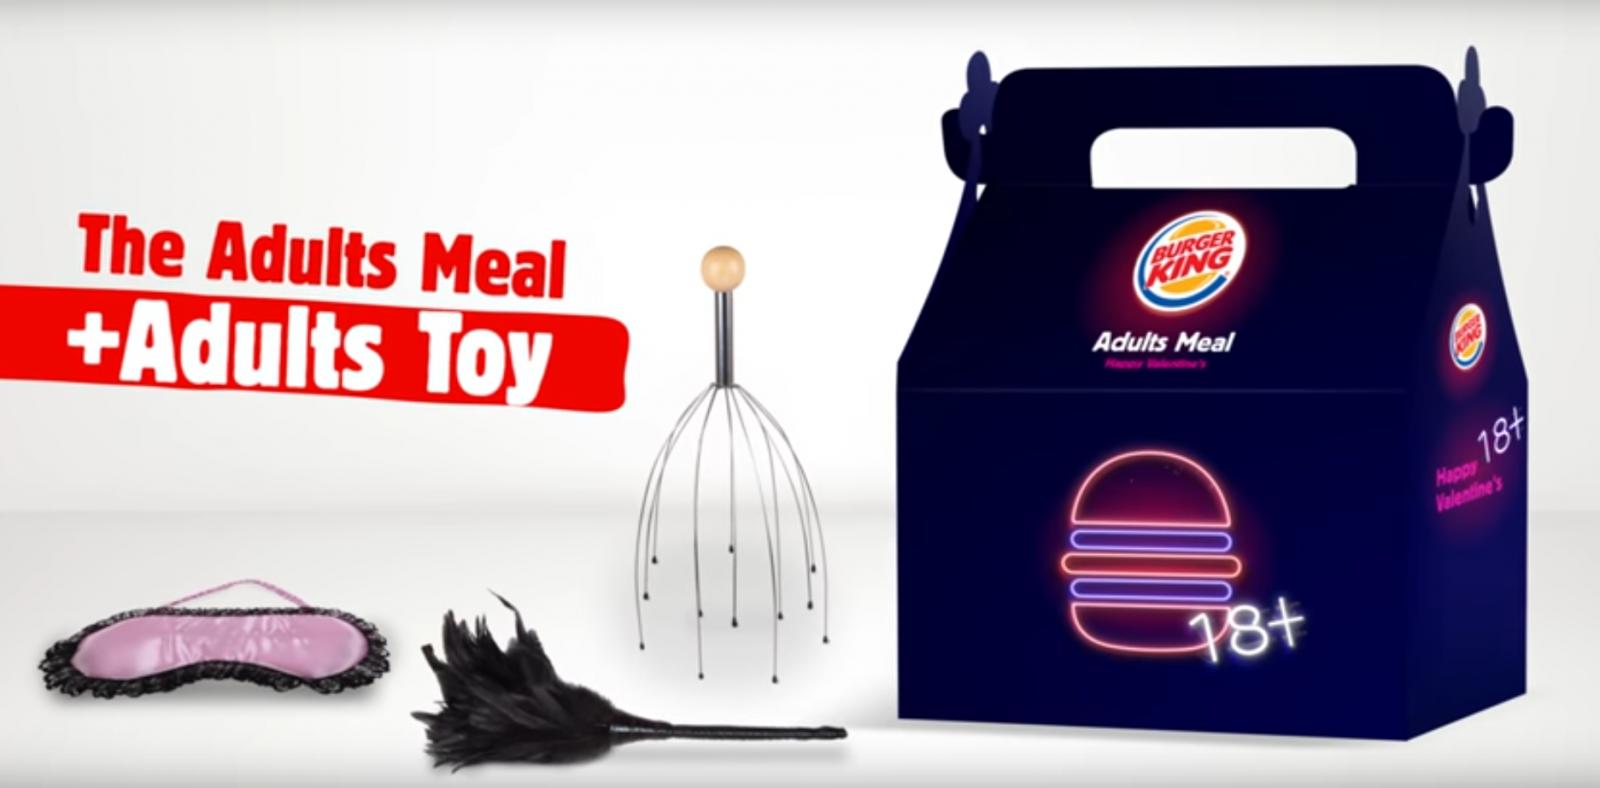 Burger King sex toy